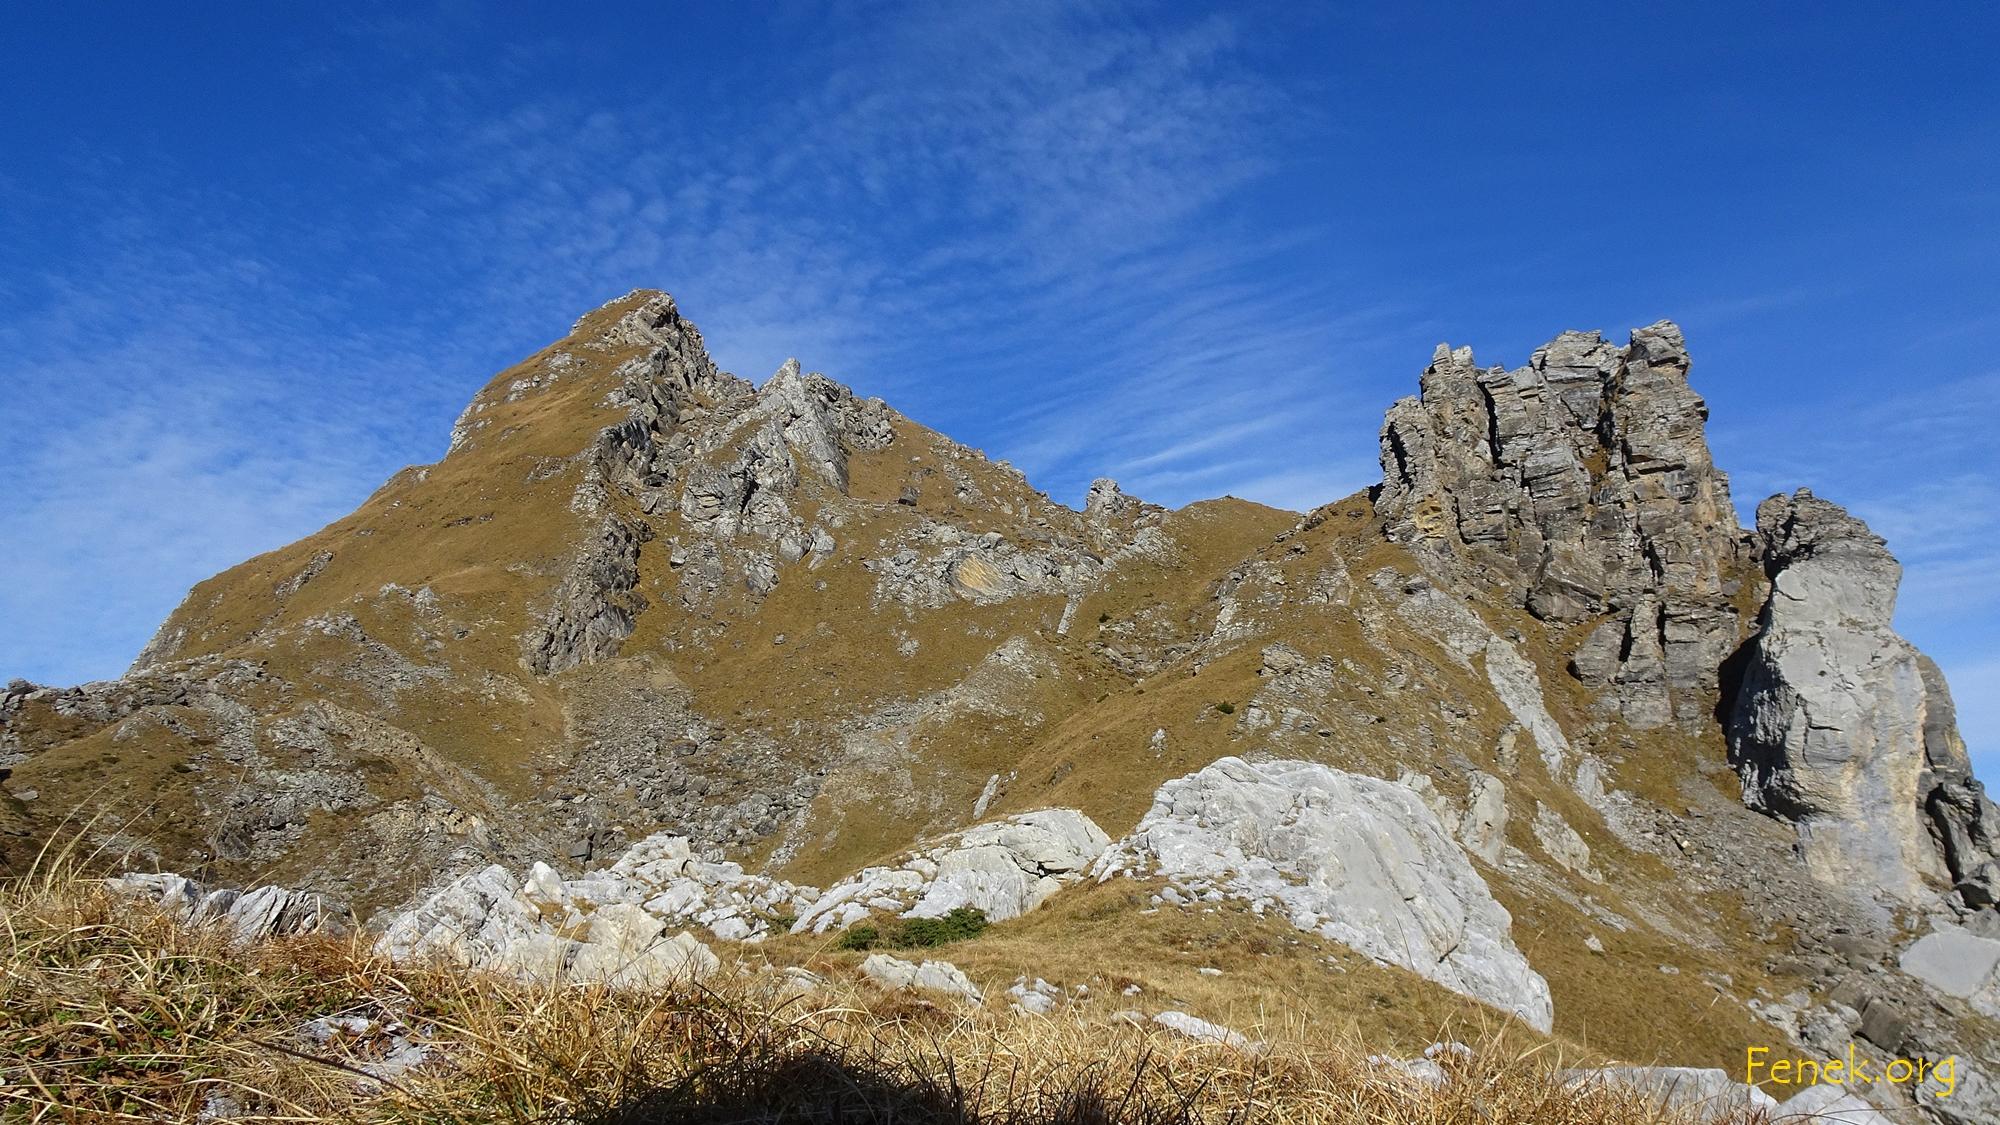 Der Berg vor mir - ich freue mich auf das Steilgras